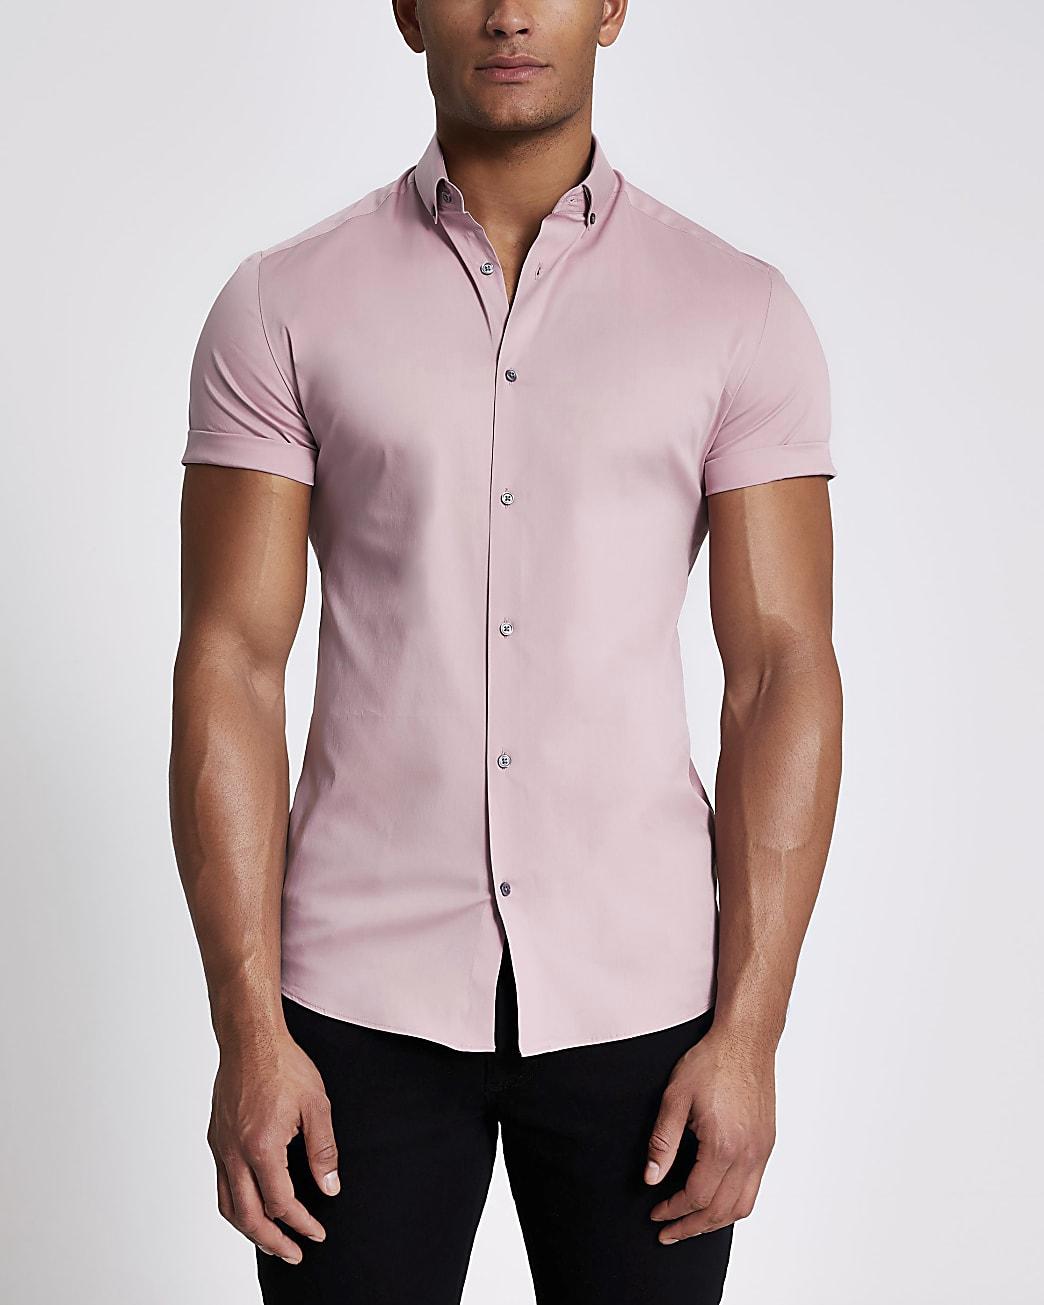 Light pink muscle fit short sleeve shirt